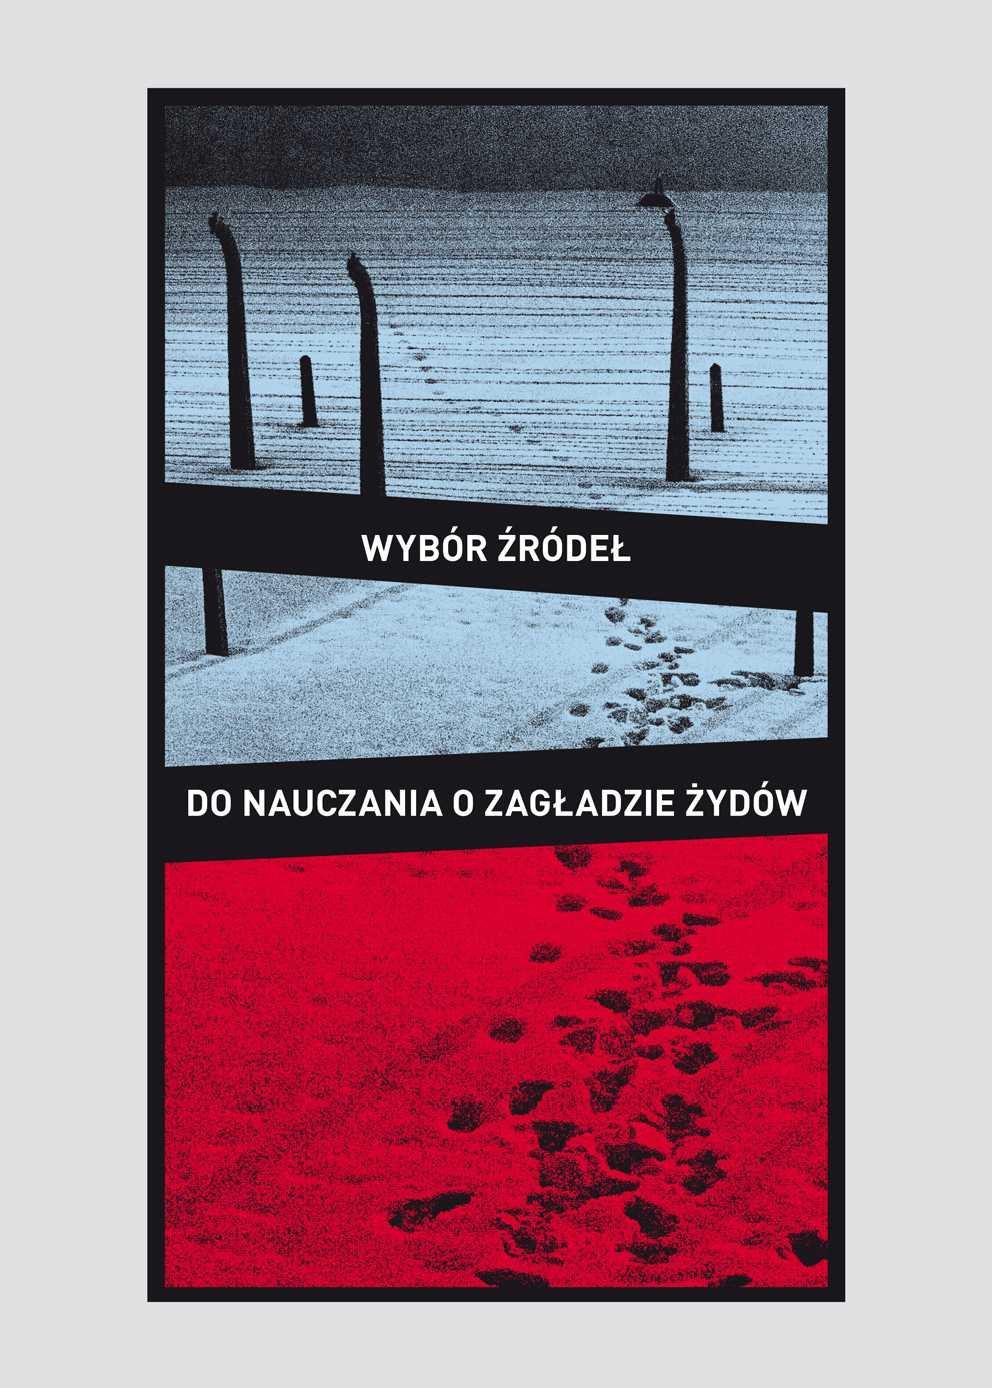 Wybór źródeł do nauczania o zagładzie Żydów na okupowanych ziemiach polskich. - Ebook (Książka na Kindle) do pobrania w formacie MOBI